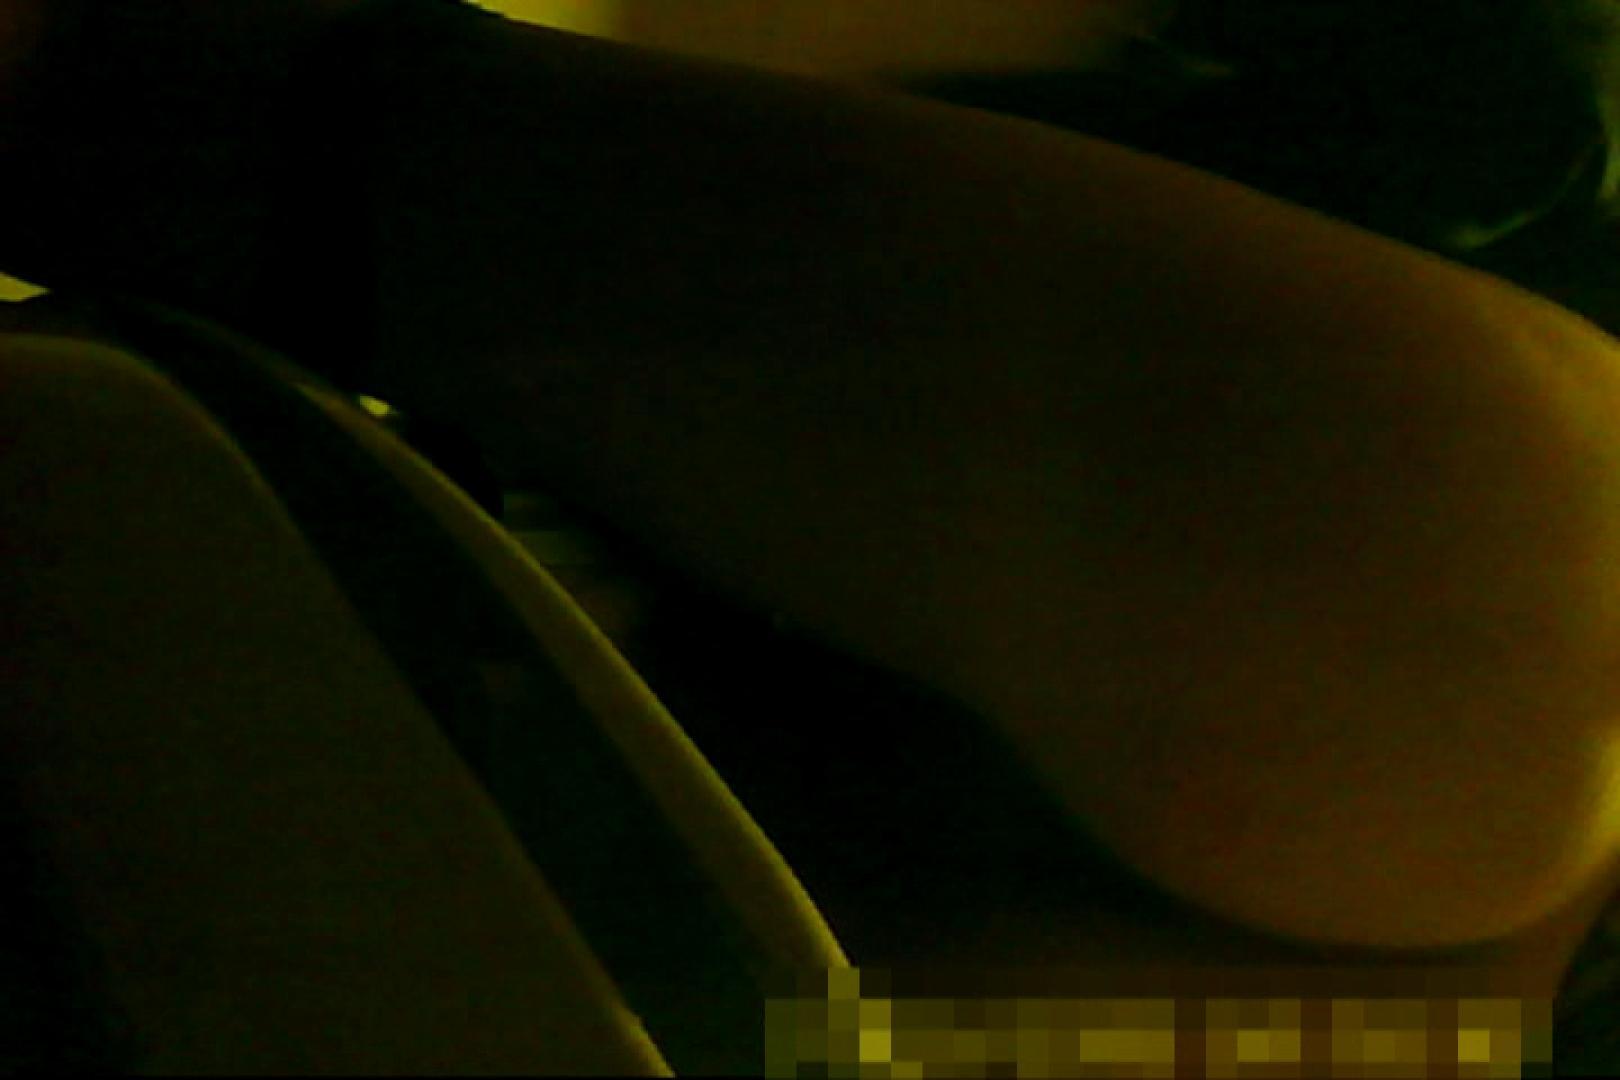 魅惑の化粧室~禁断のプライベート空間~17 洗面所 | プライベート映像  61pic 1